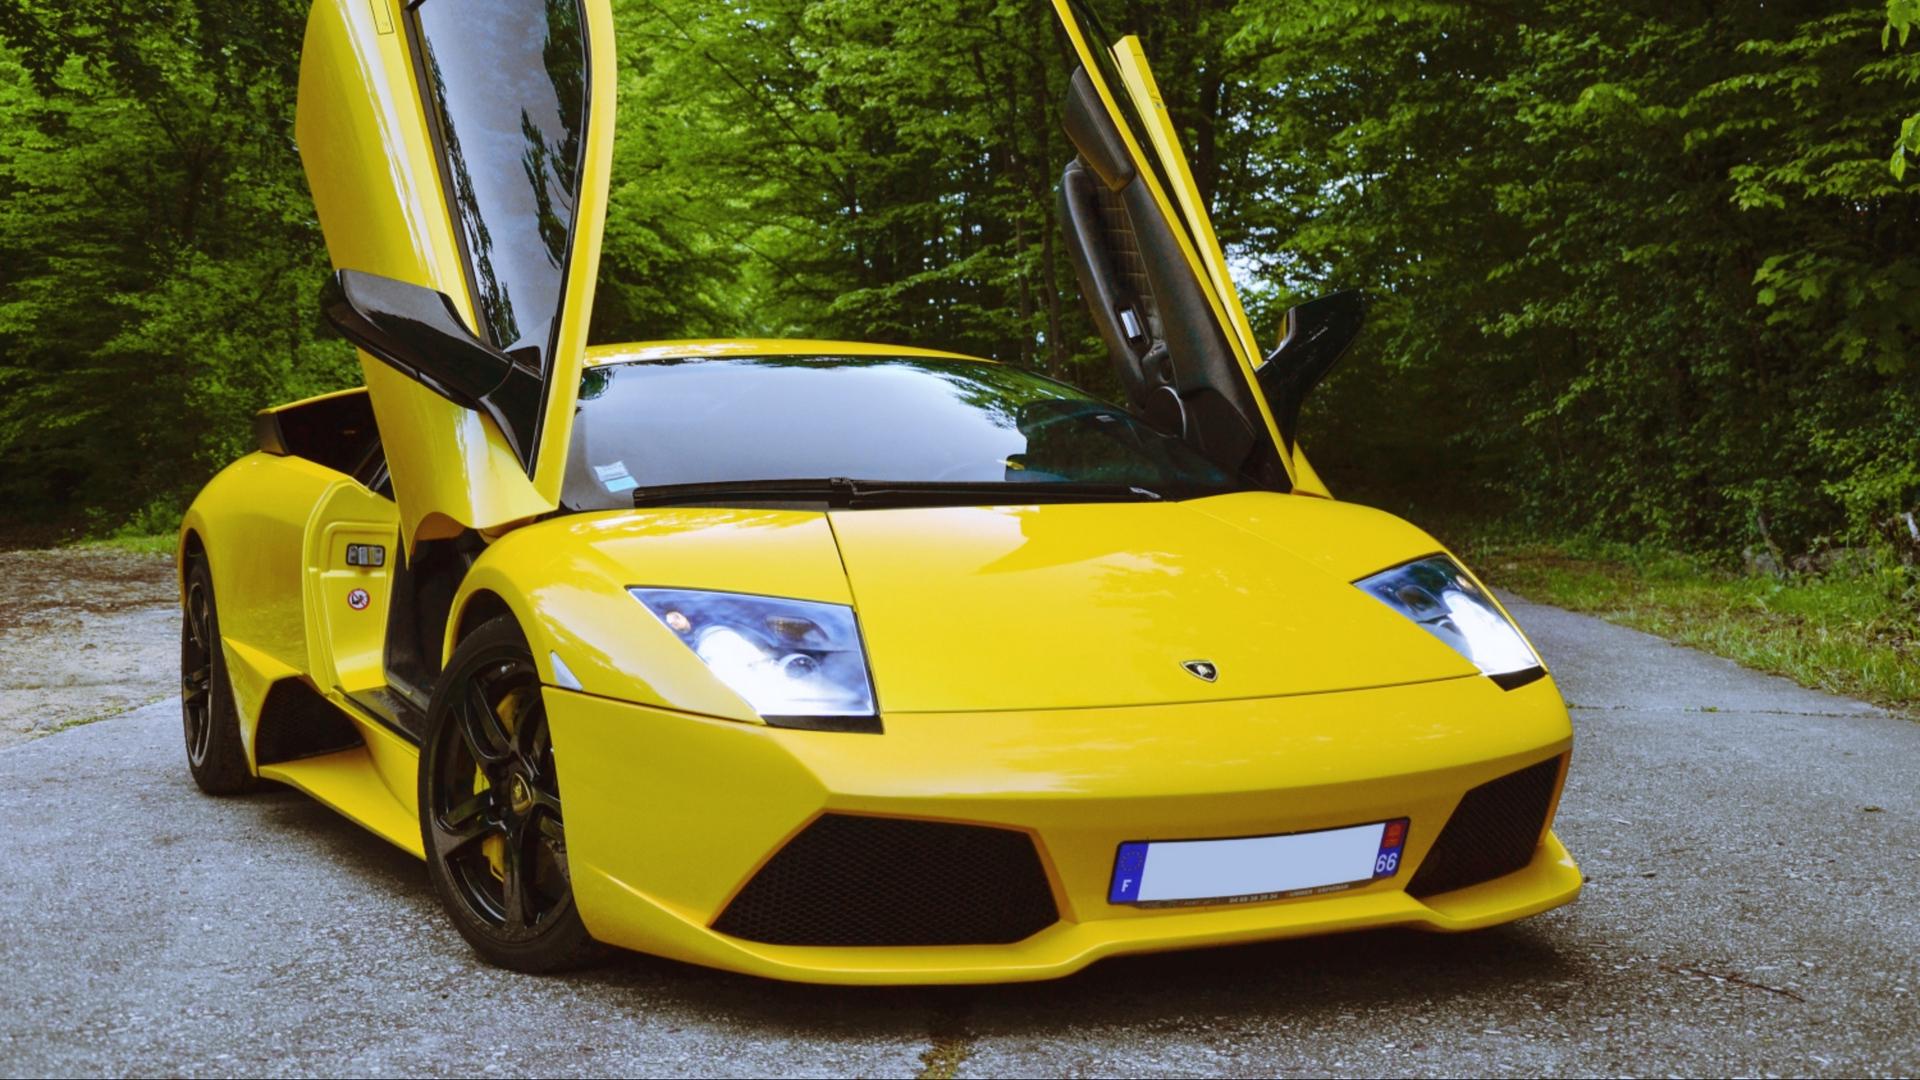 Wallpaper Yellow Cars Sports Car Lamborghini Murcielago